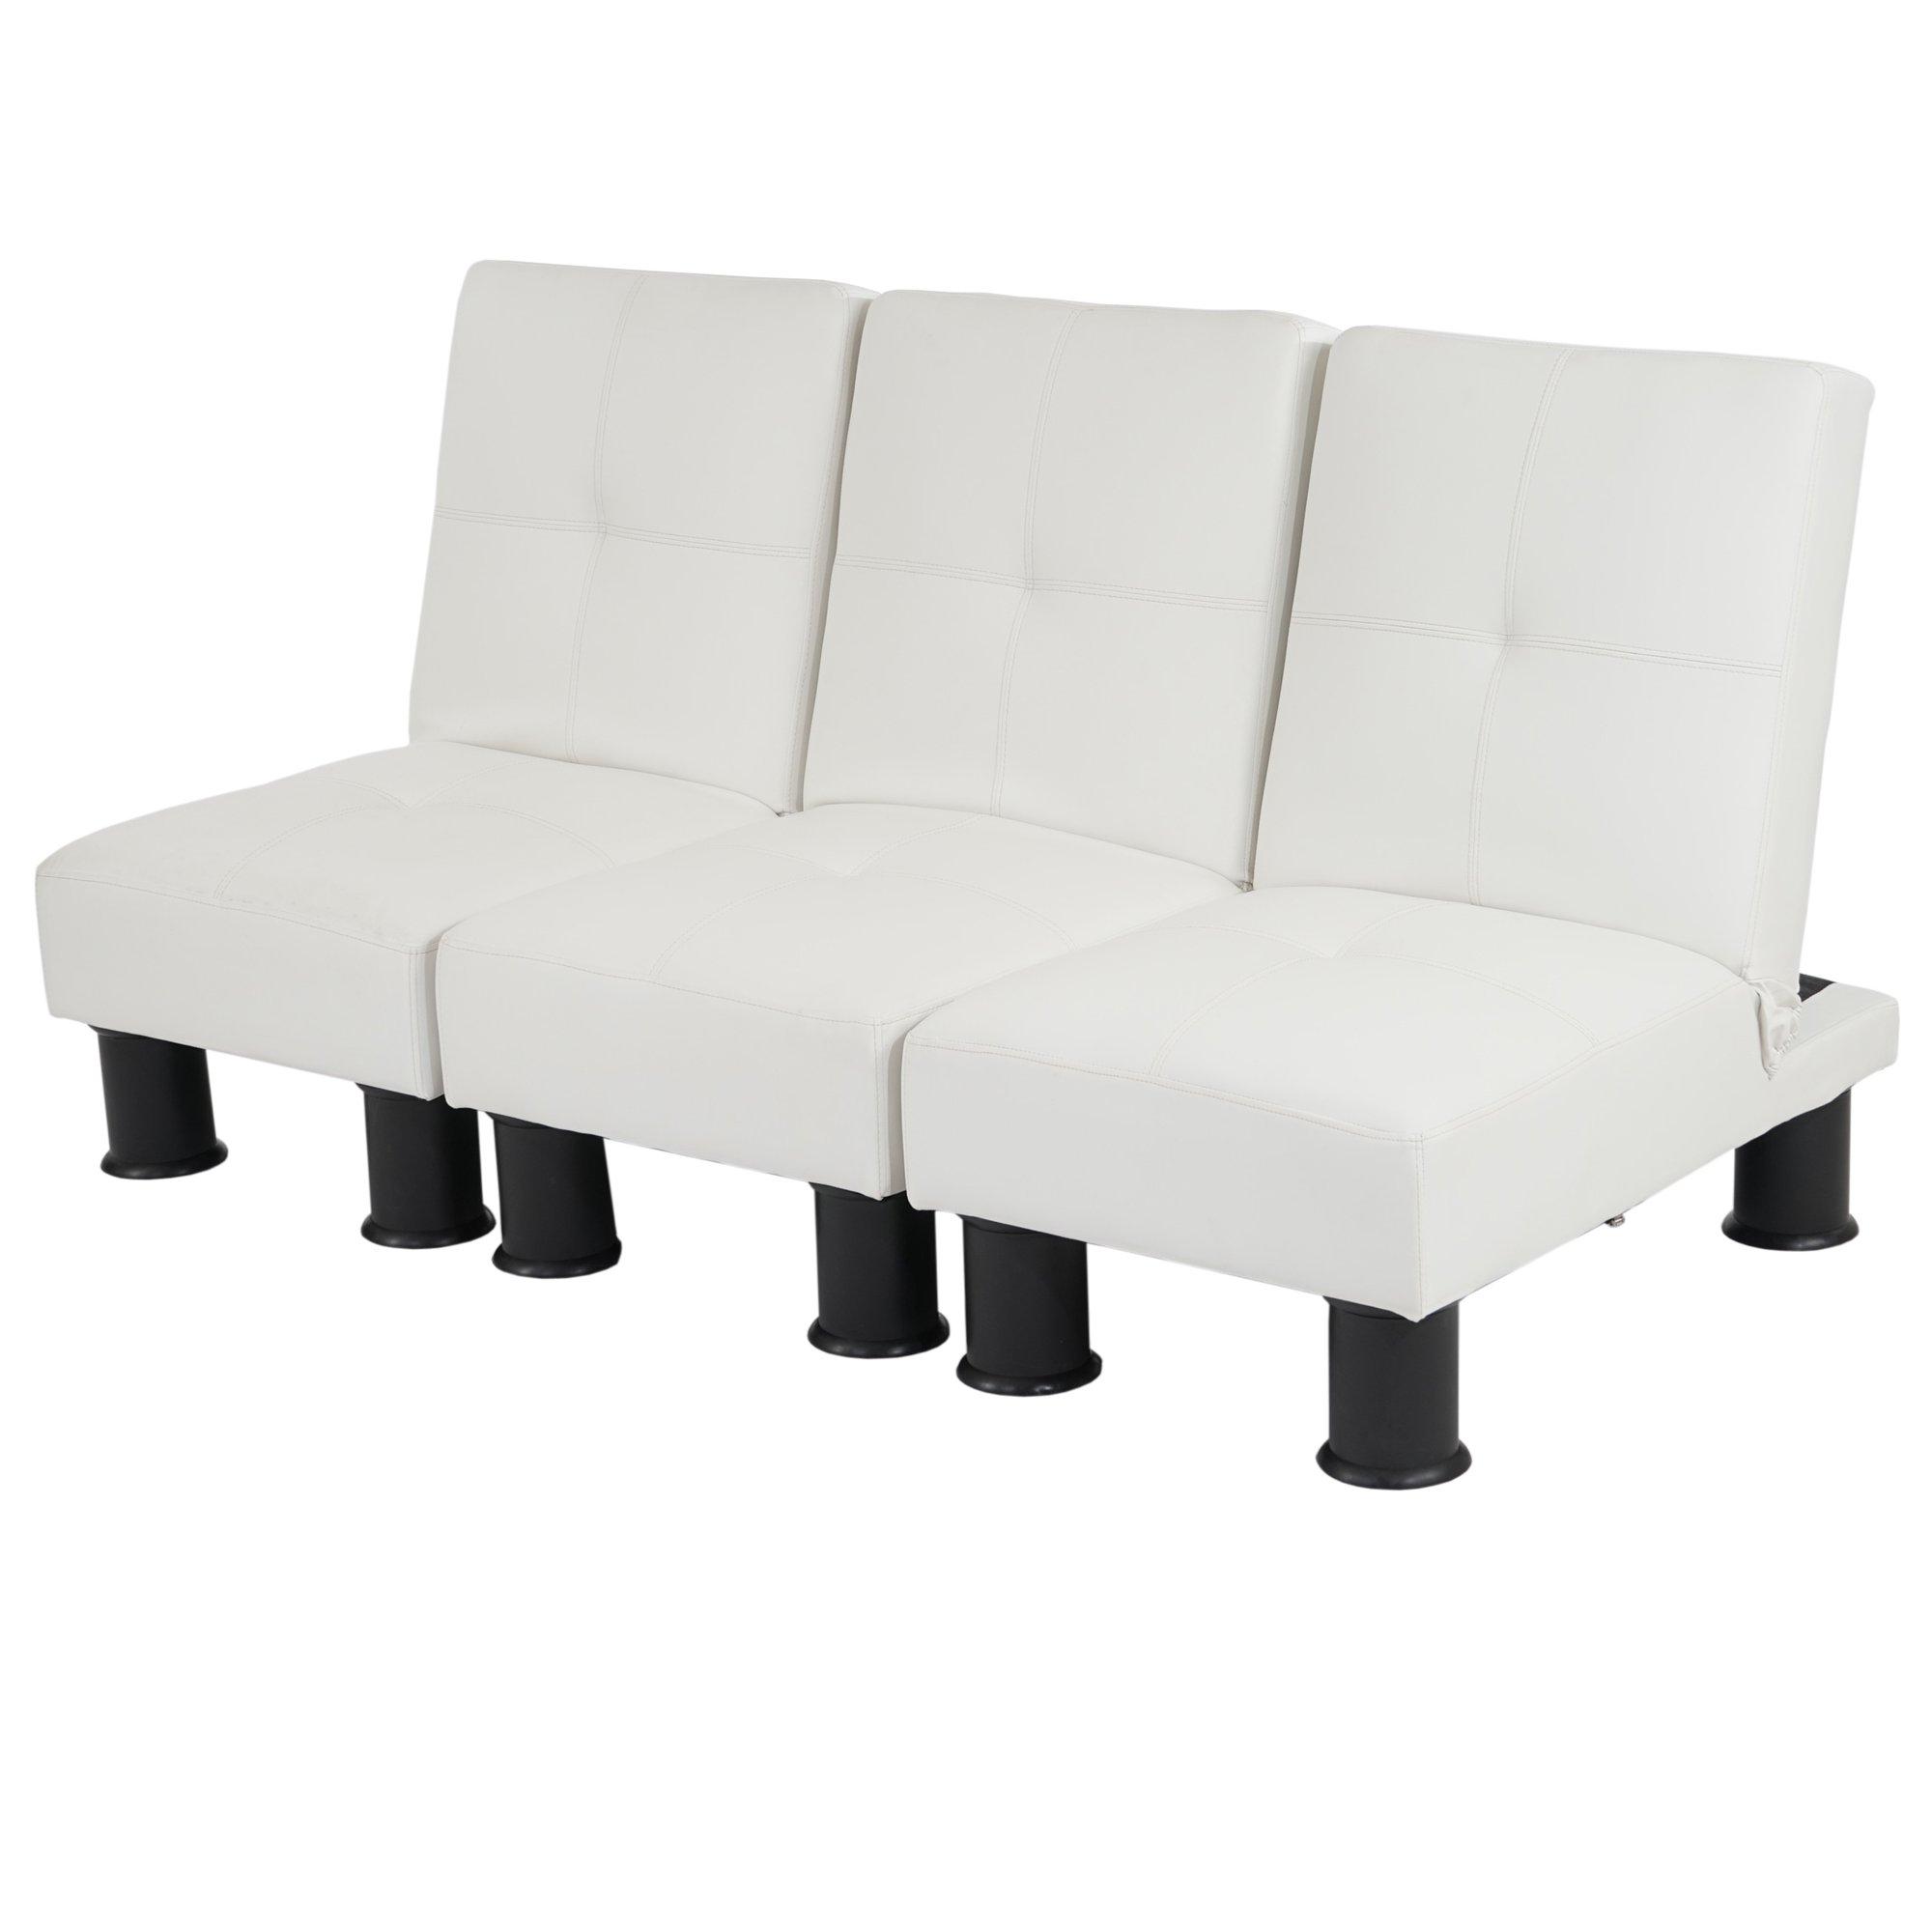 Lote 3 modulos sofa cama melbourne ii en piel color blanco for Sofa cama modular